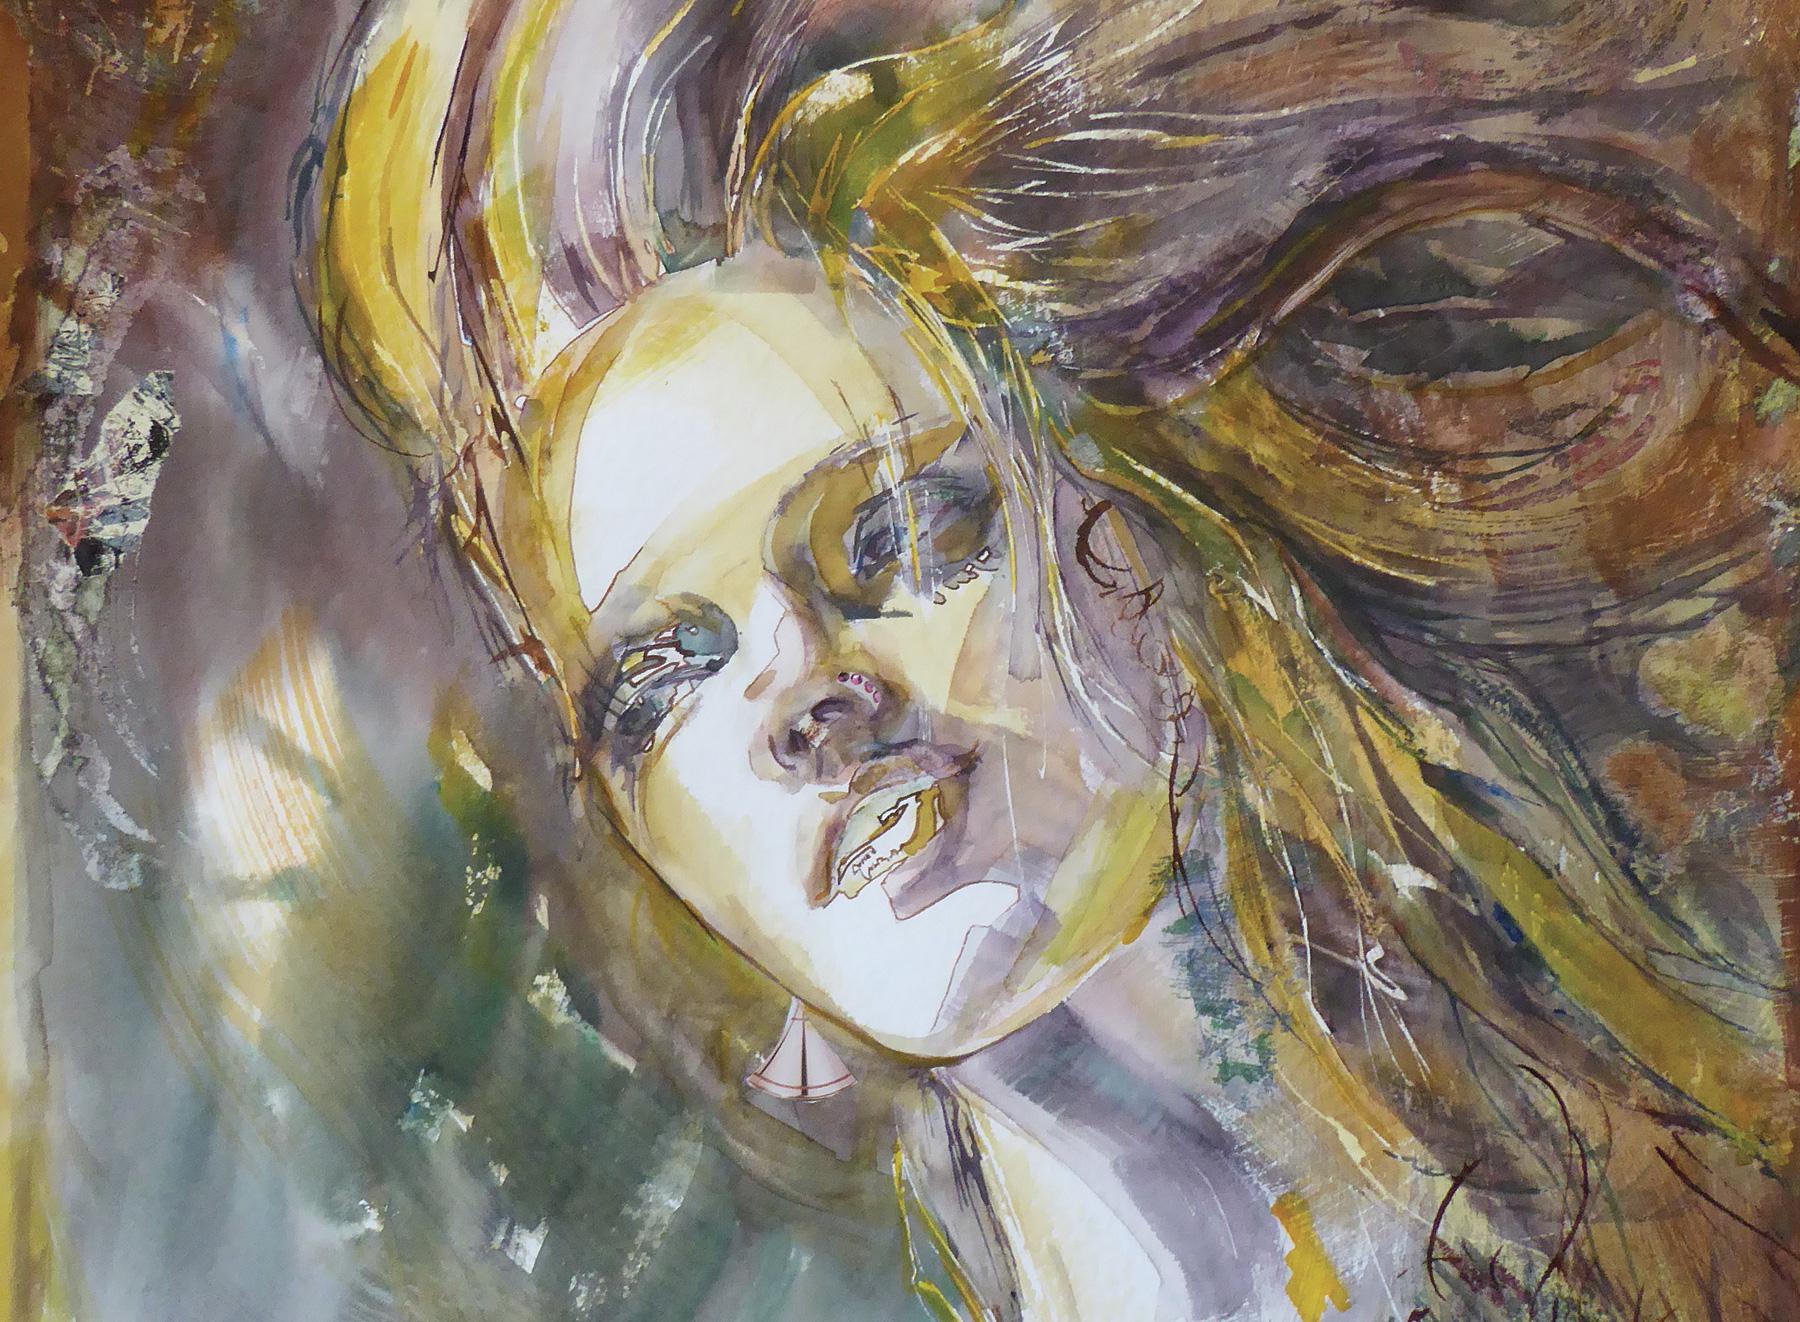 Jo lle pulcini artiste peintre de c te d 39 or huile au couteau aquarelle galerie de - Cote d un artiste peintre ...